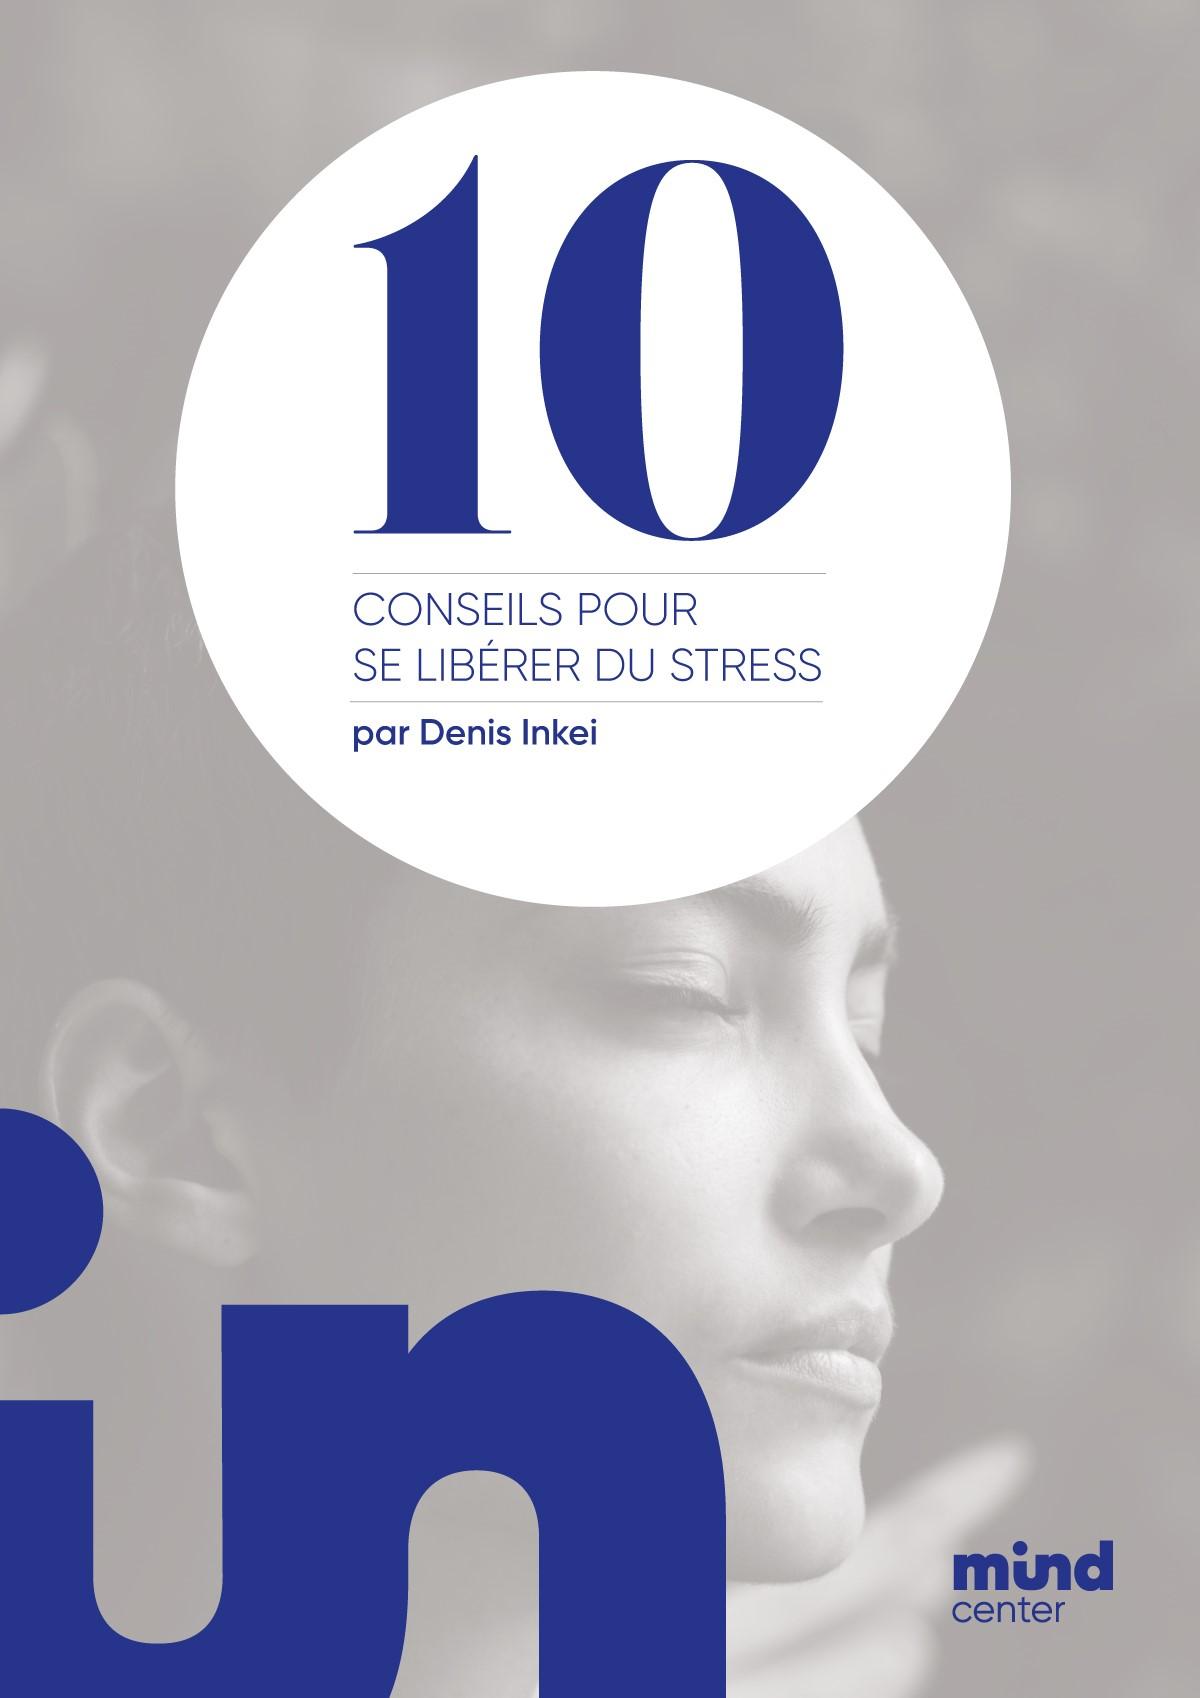 10-conseils-pour-se-libérer-du-stress-par-denis-inkei